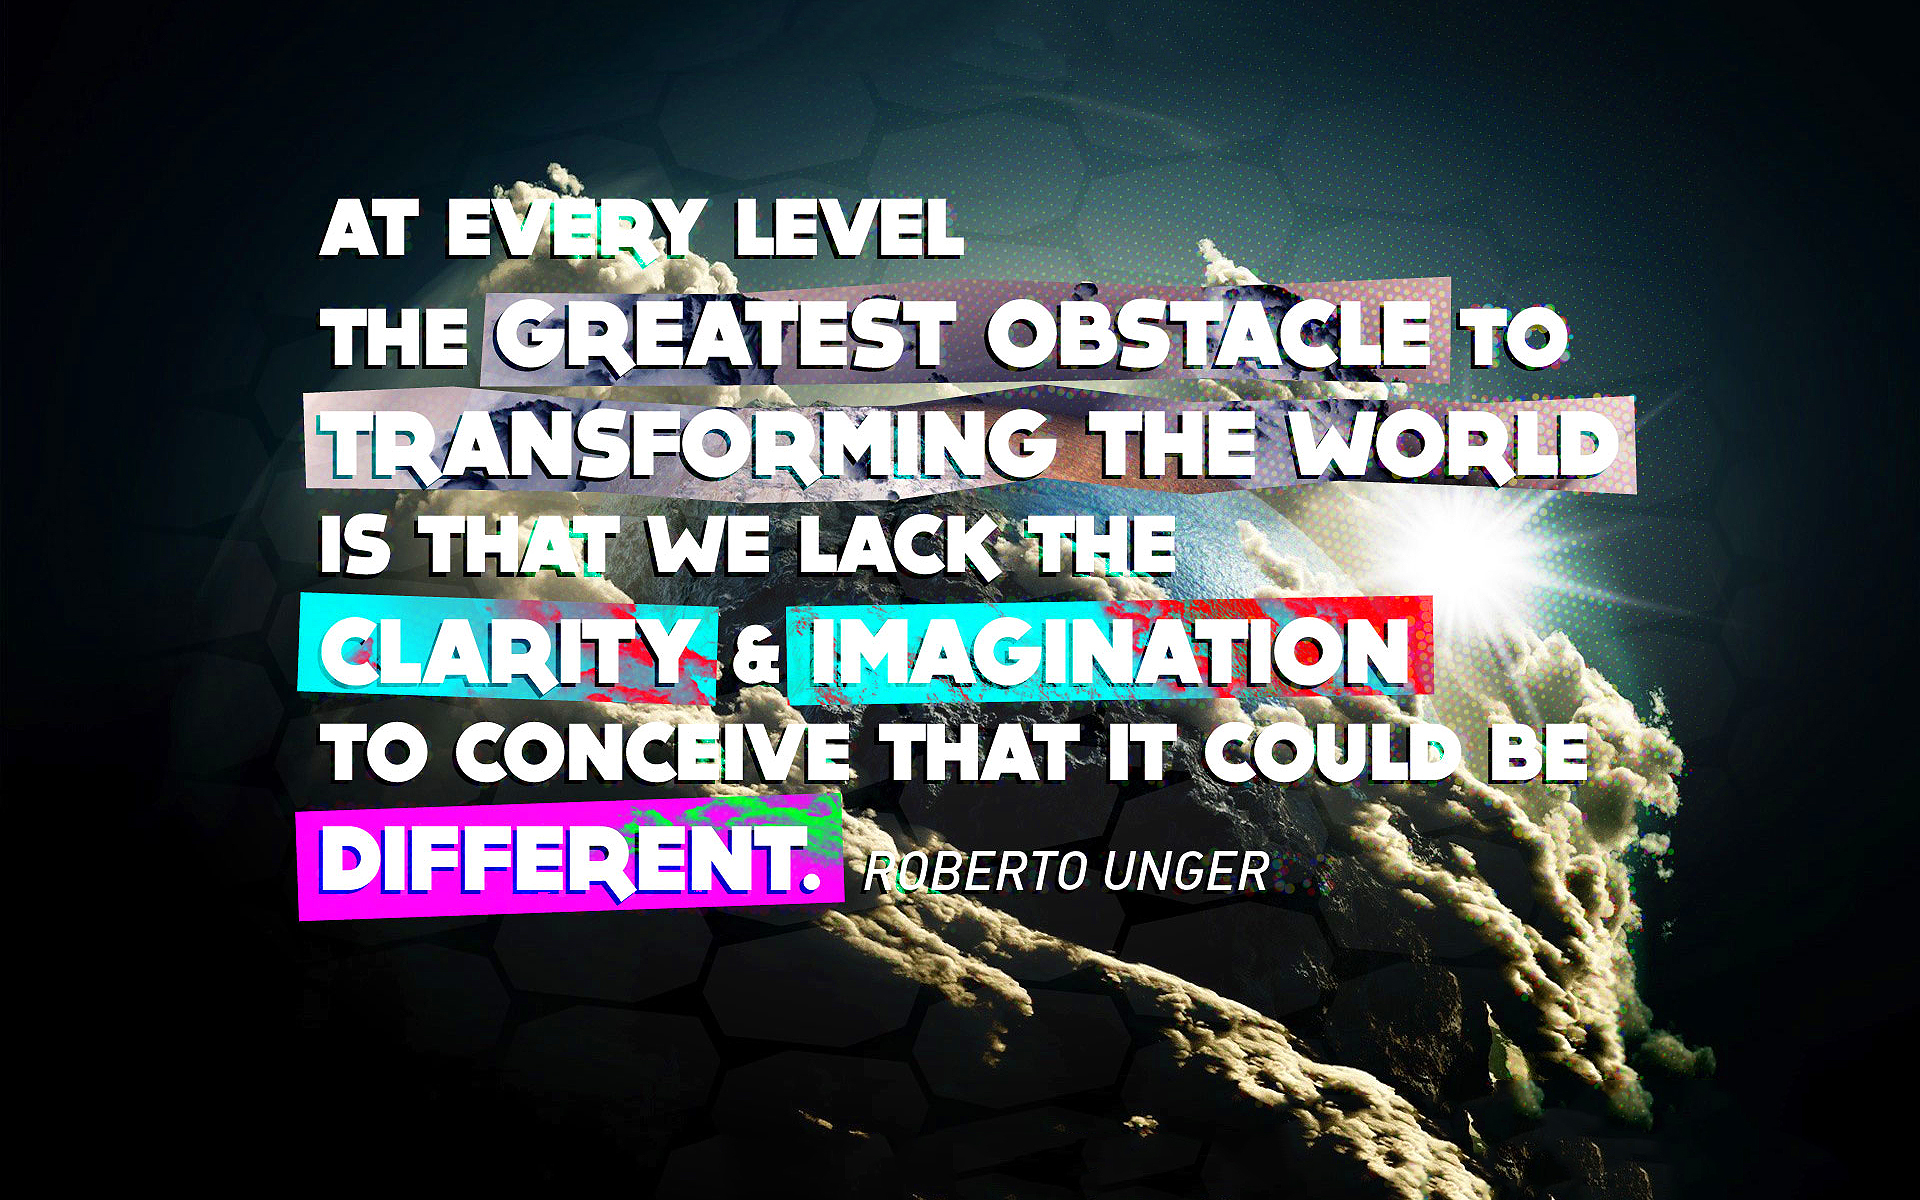 Robert unger quote